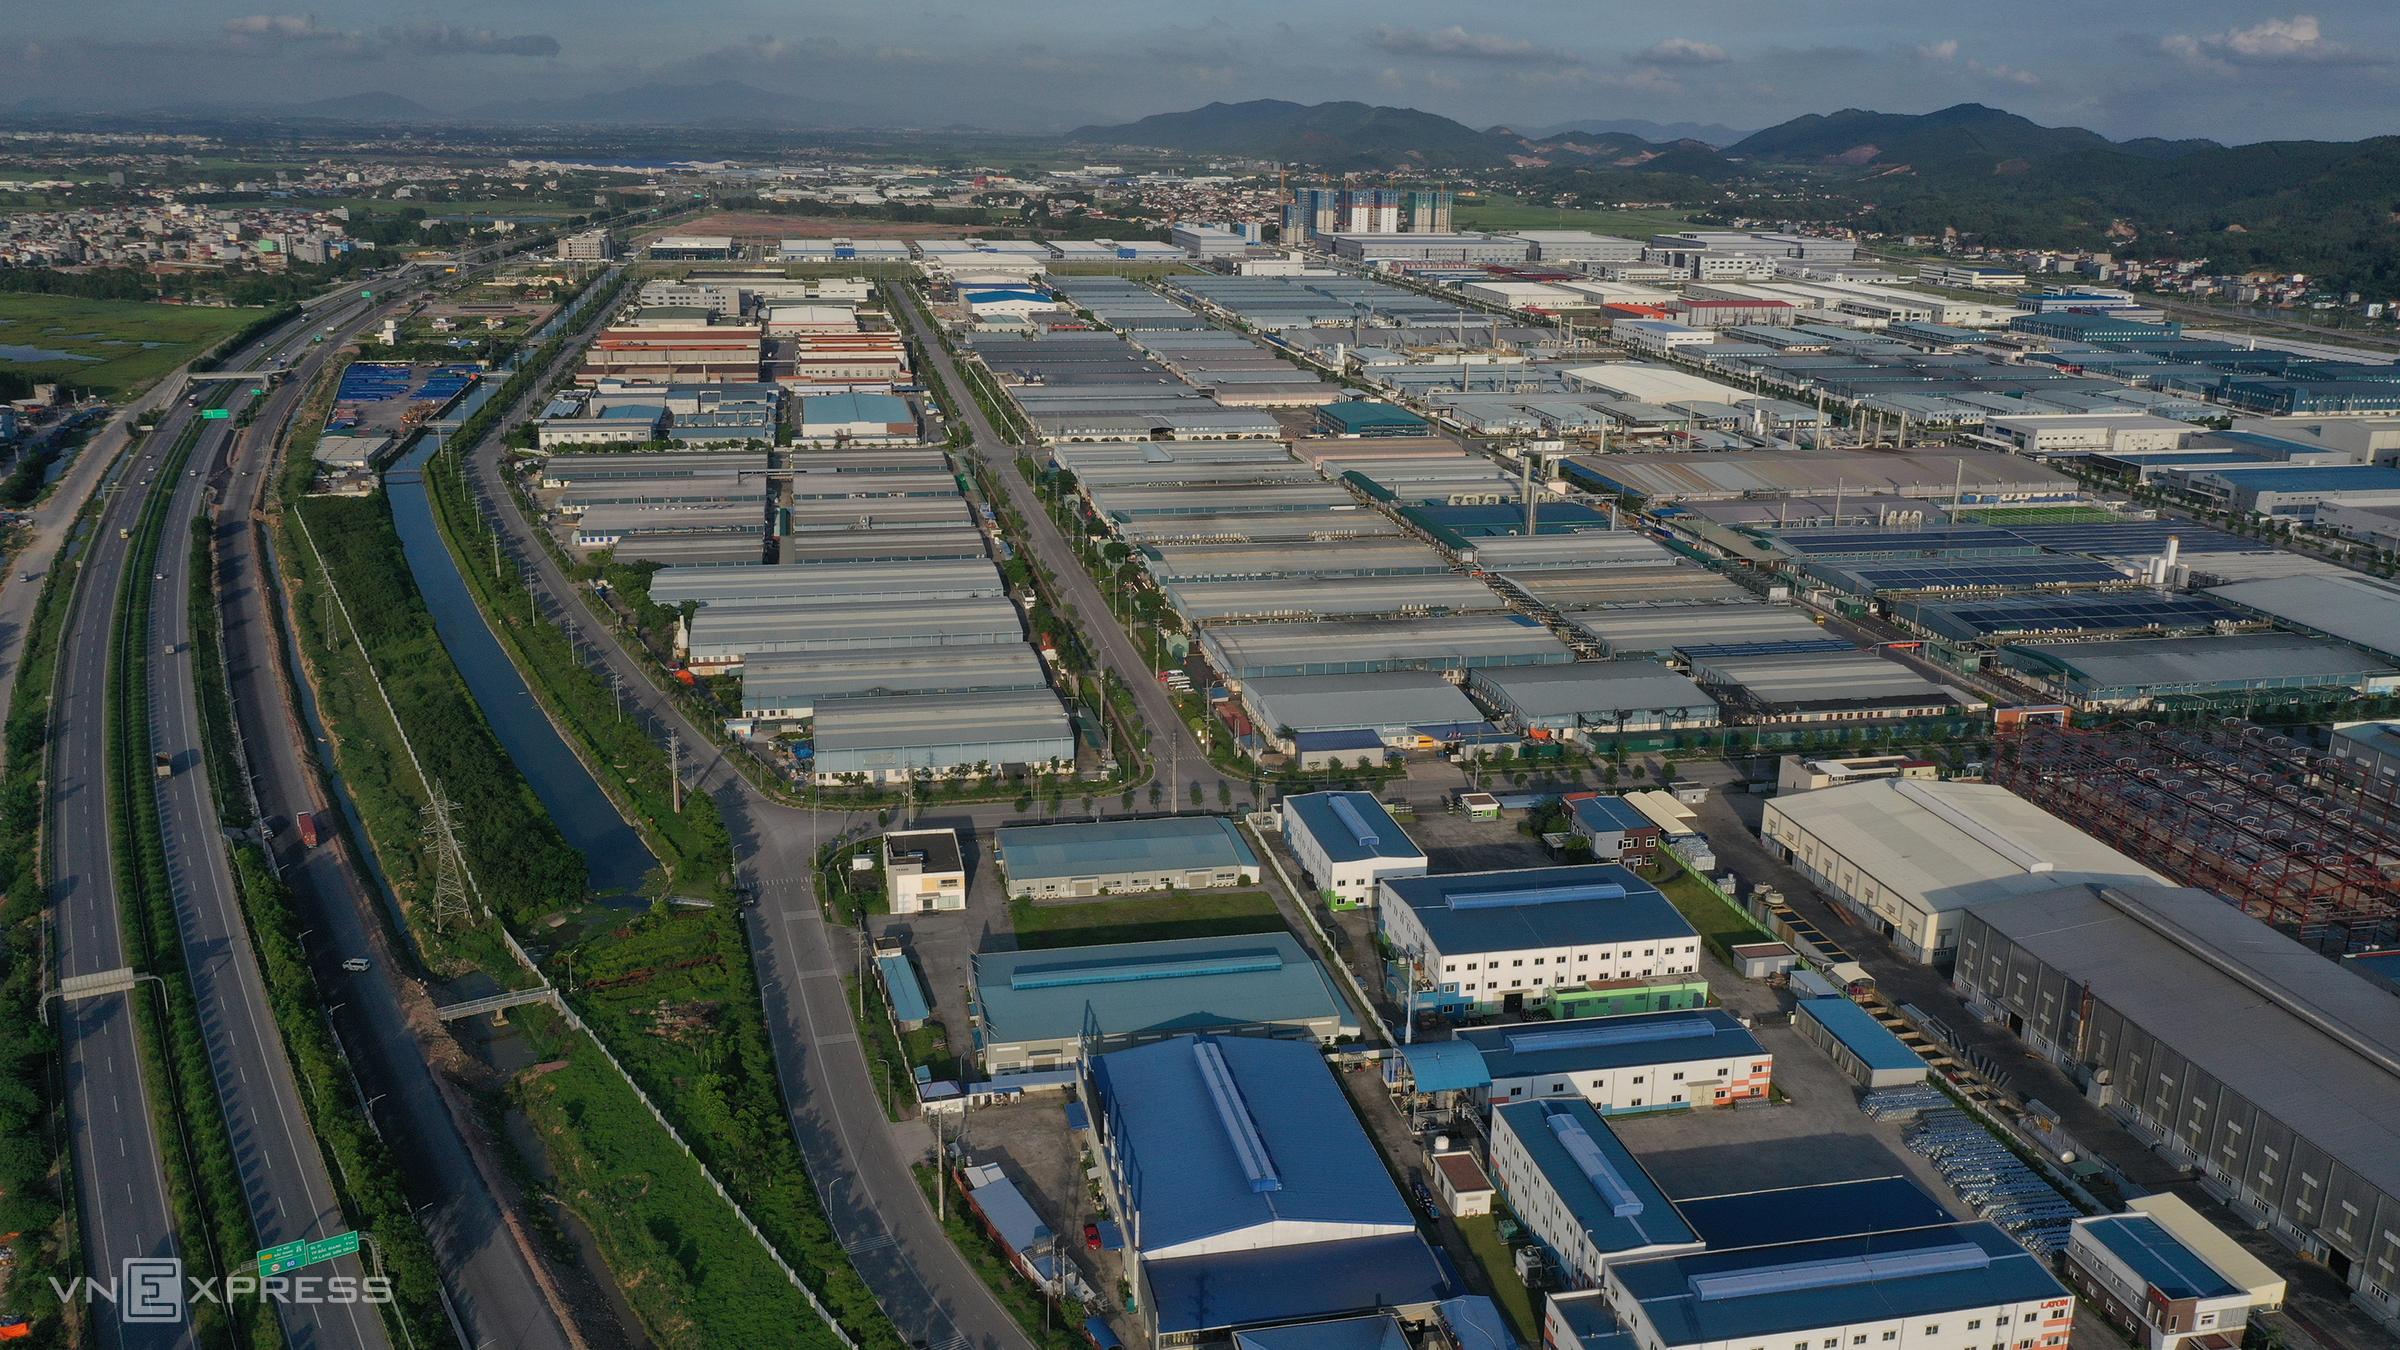 Tuyến quốc lộ 1A chạy qua thị trấn Nếnh, huyện Việt Yên, đối diện là khu công nghiệp Vân Trung tháng 5/2021. Ảnh: Ngọc Thành.